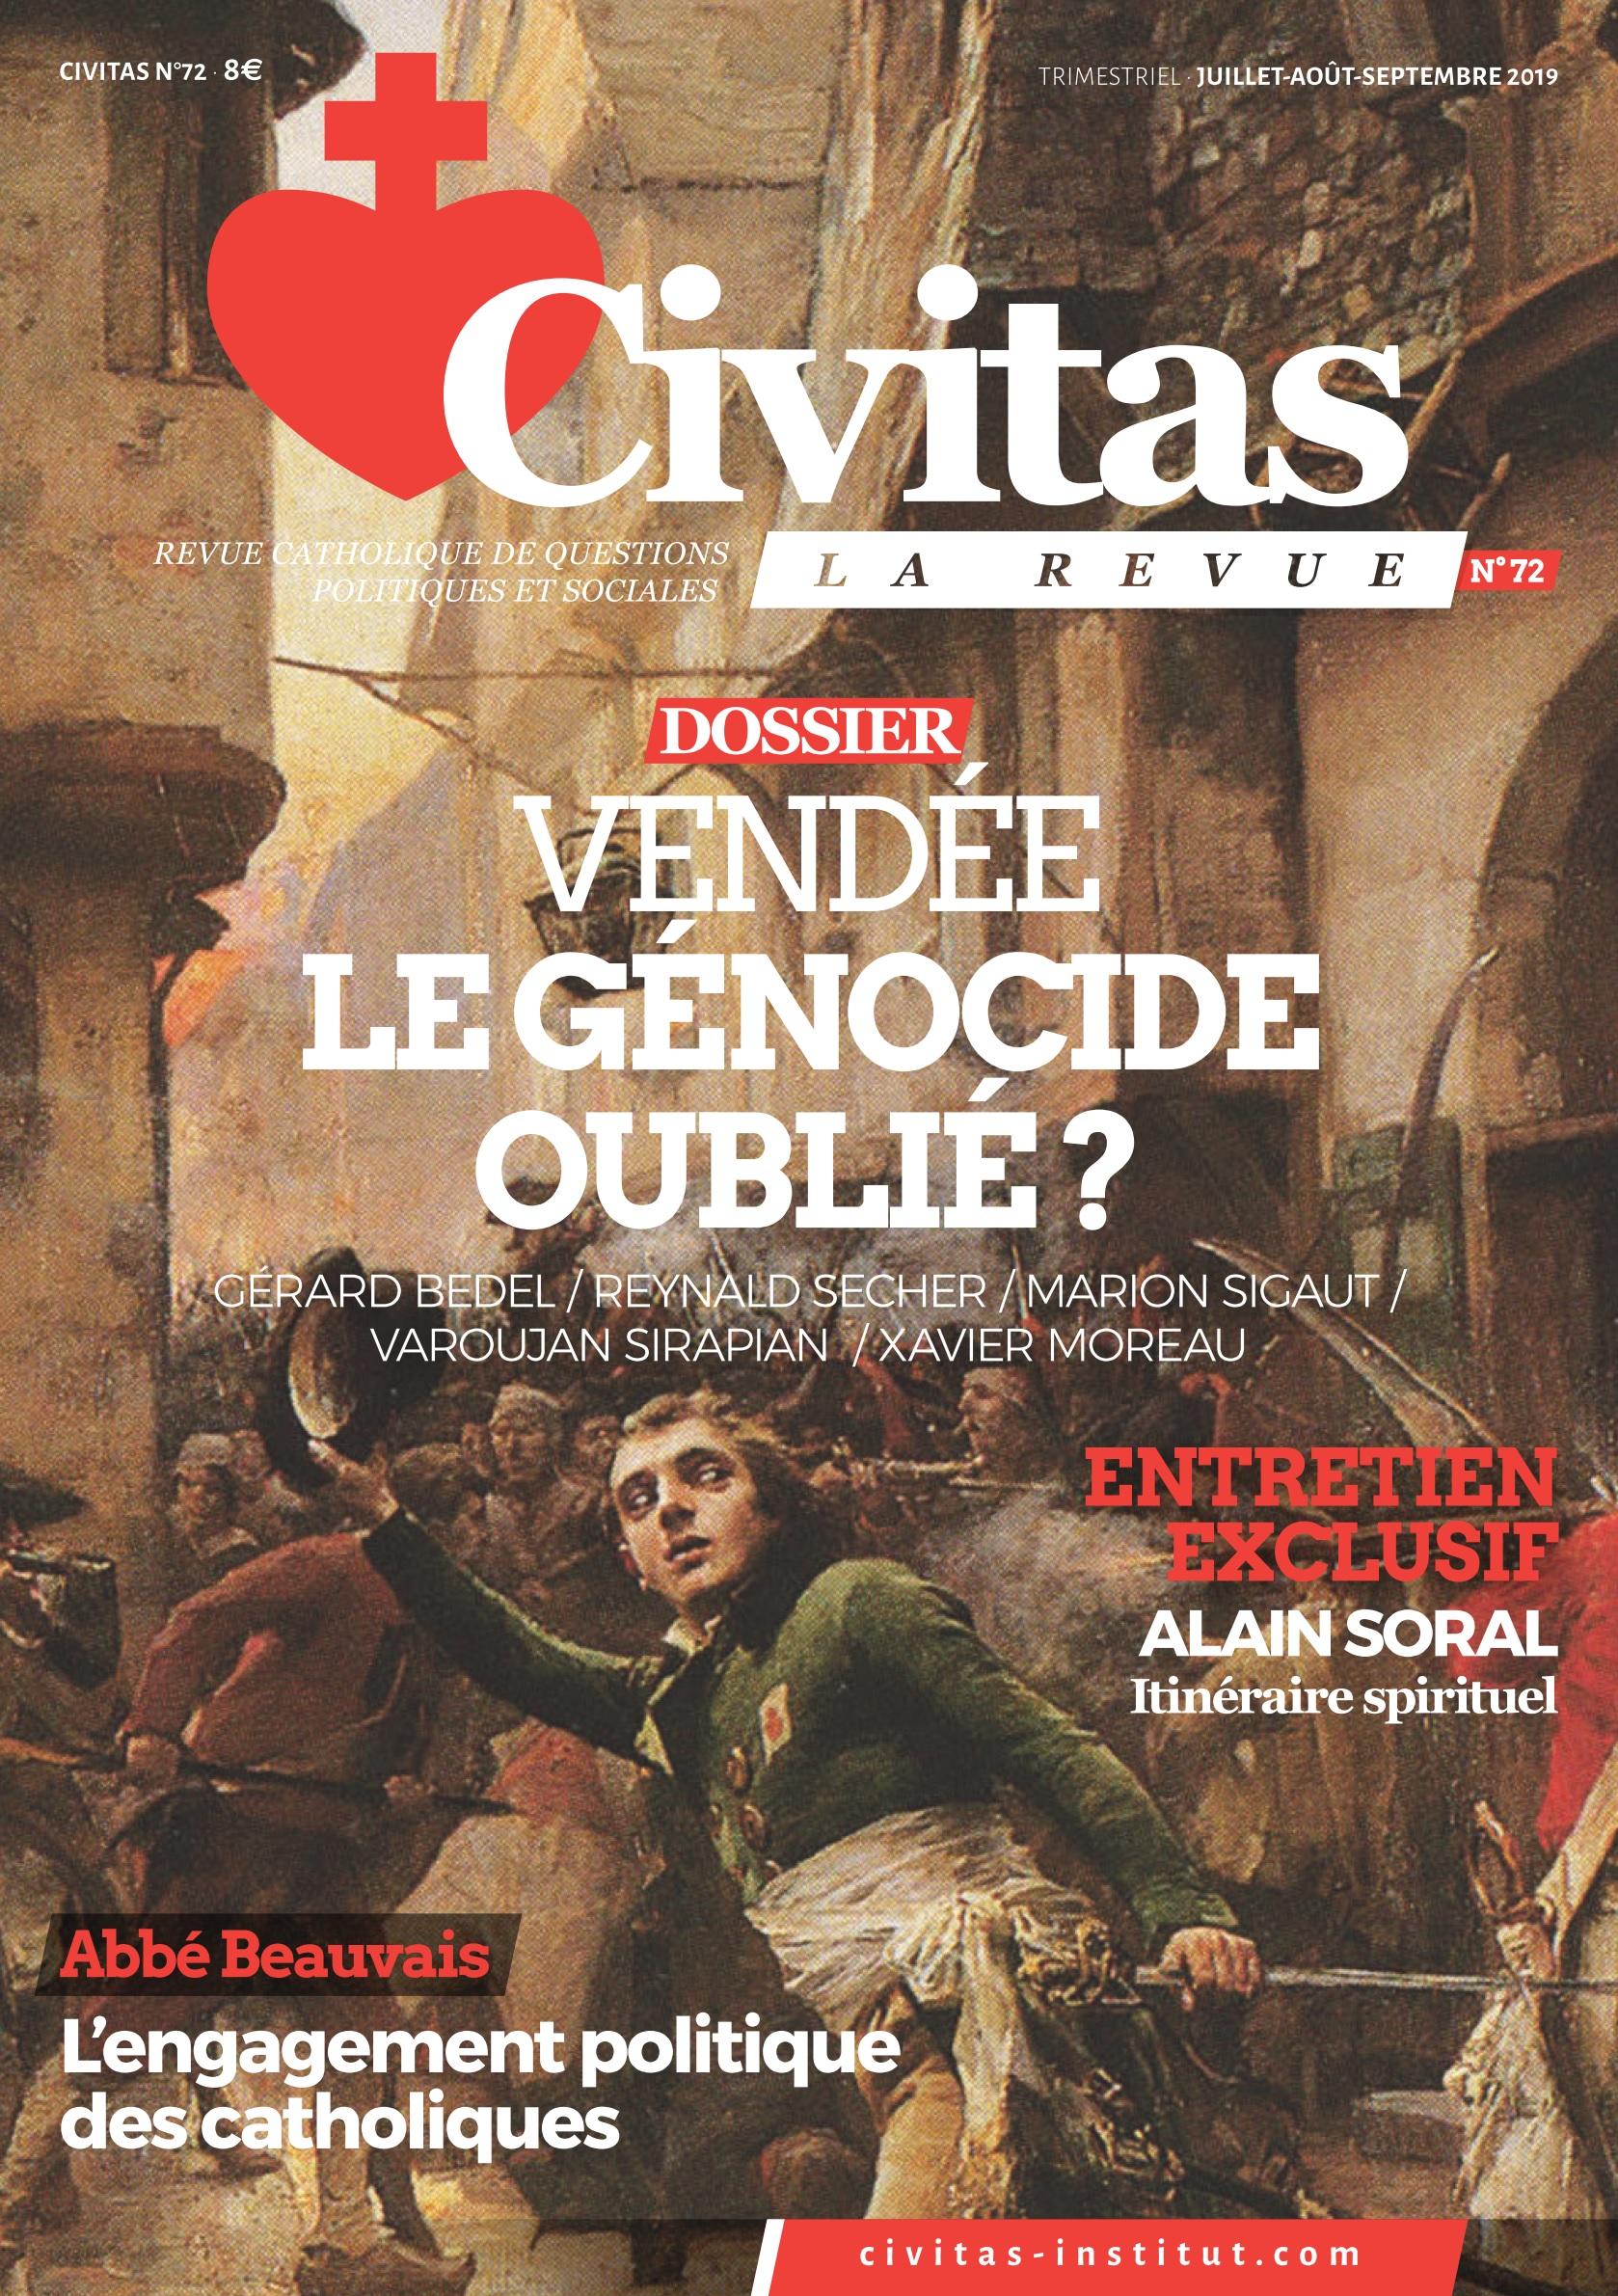 Alain Soral raconte son itinéraire spirituel dans la nouvelle revue Civitas